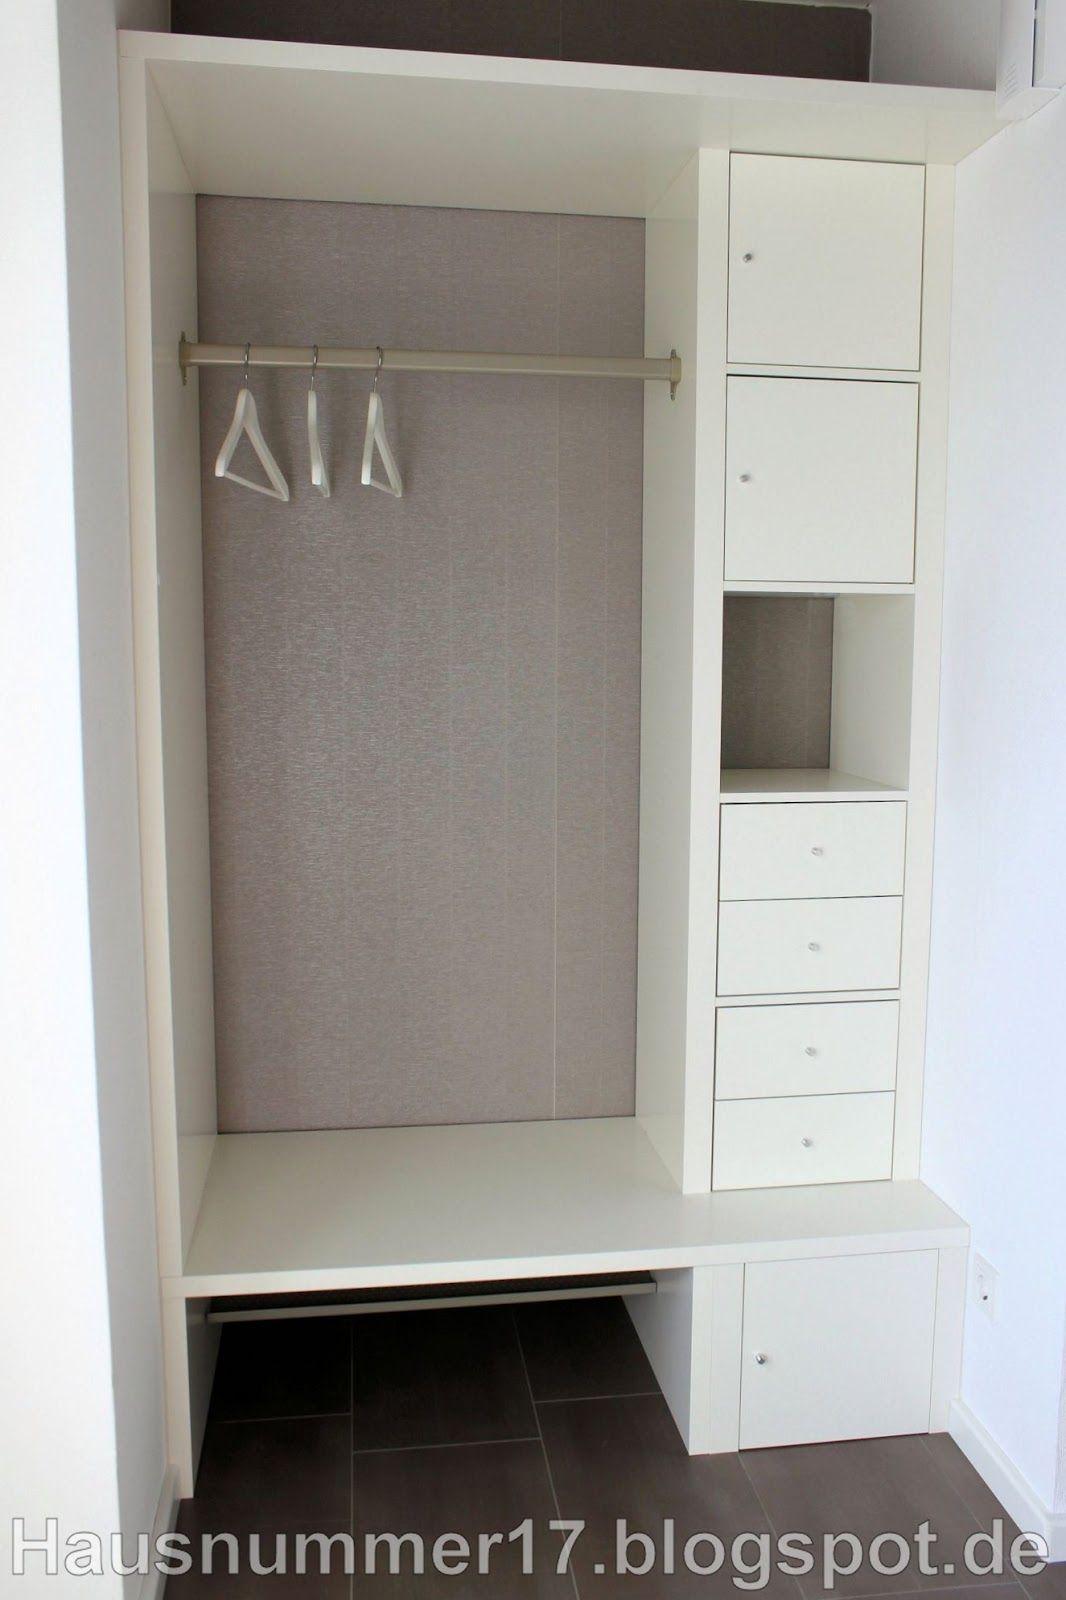 baublog hausnummer 17 ikea hack eine flur garderobe selber bauen vielleicht auch f r den. Black Bedroom Furniture Sets. Home Design Ideas